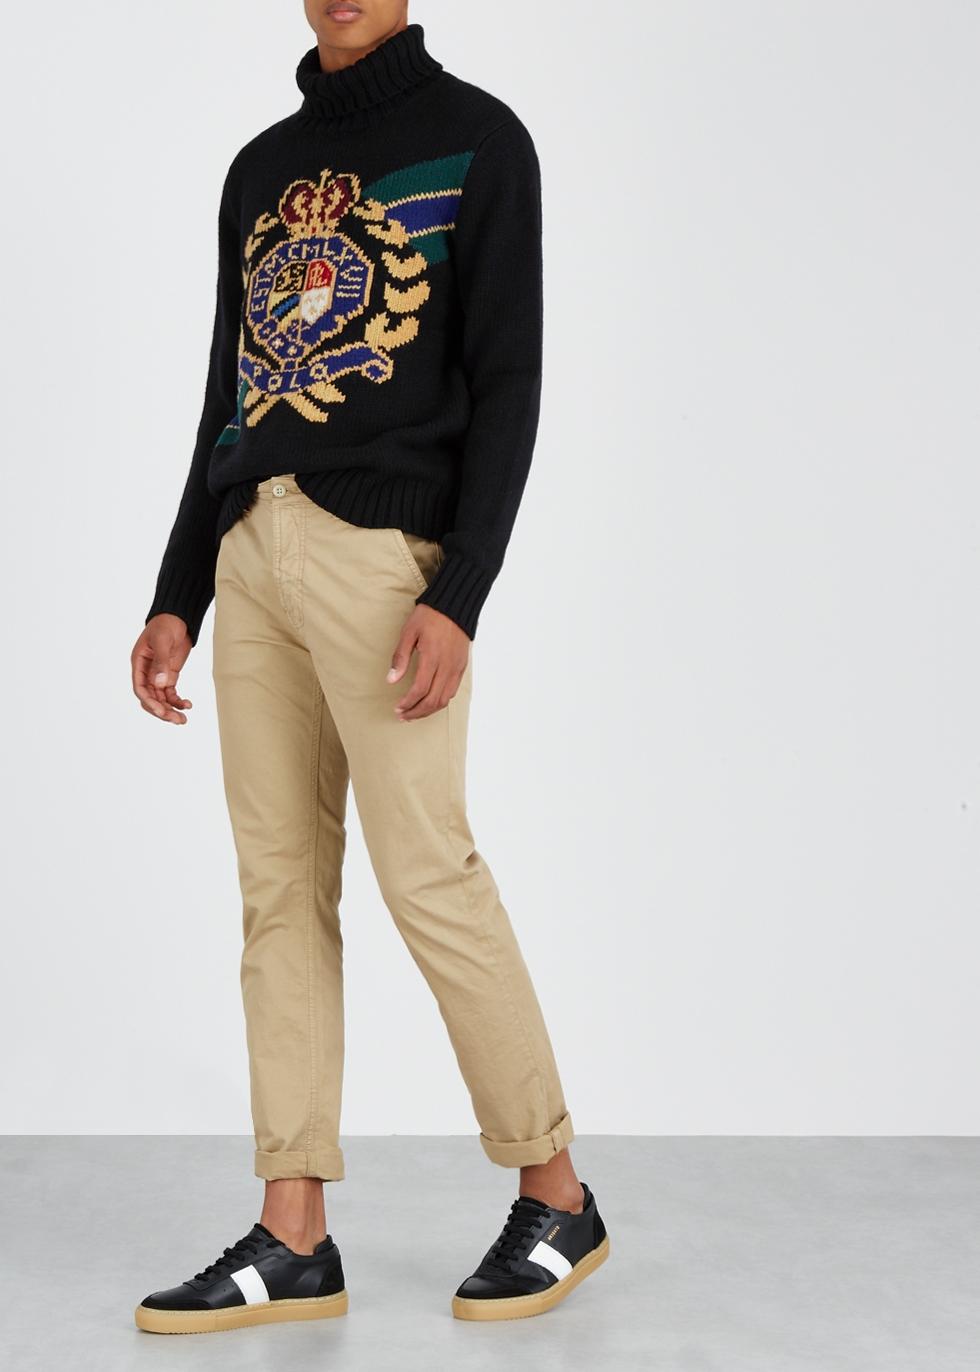 Men\'s Designer Knitwear and Jumpers - Harvey Nichols